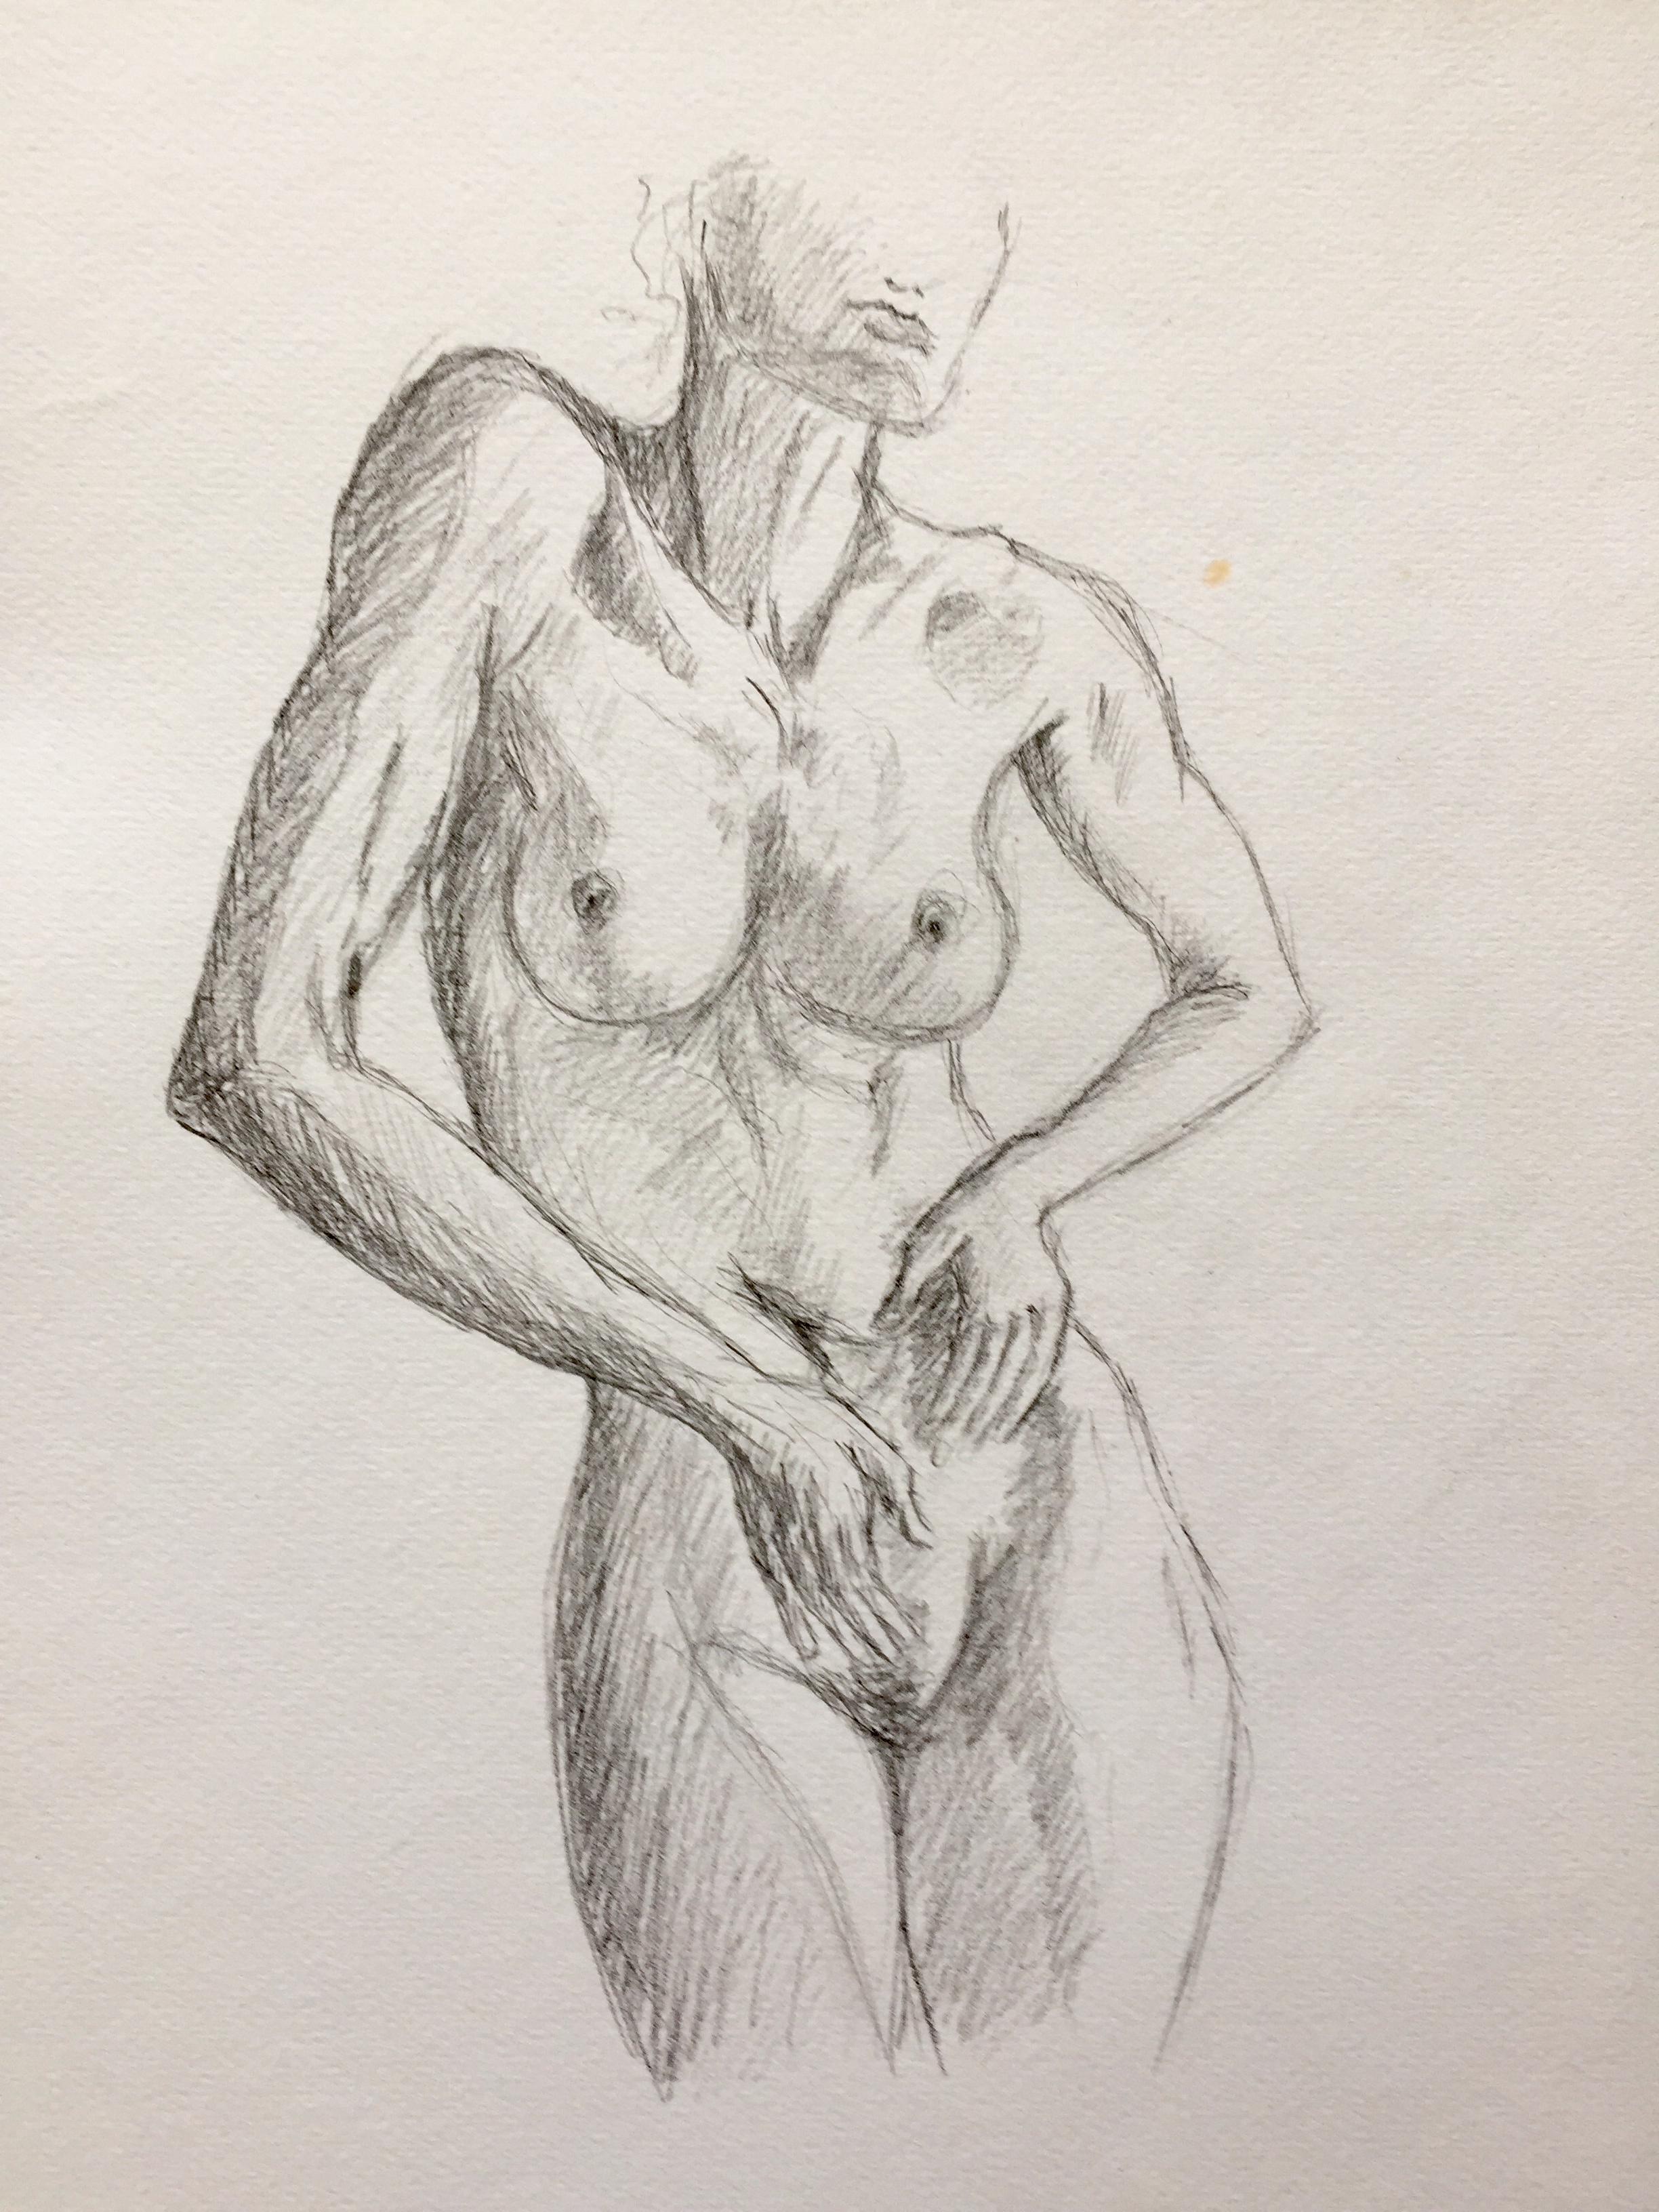 Dessin en valeur de gris buste femme graphite  cours de dessin